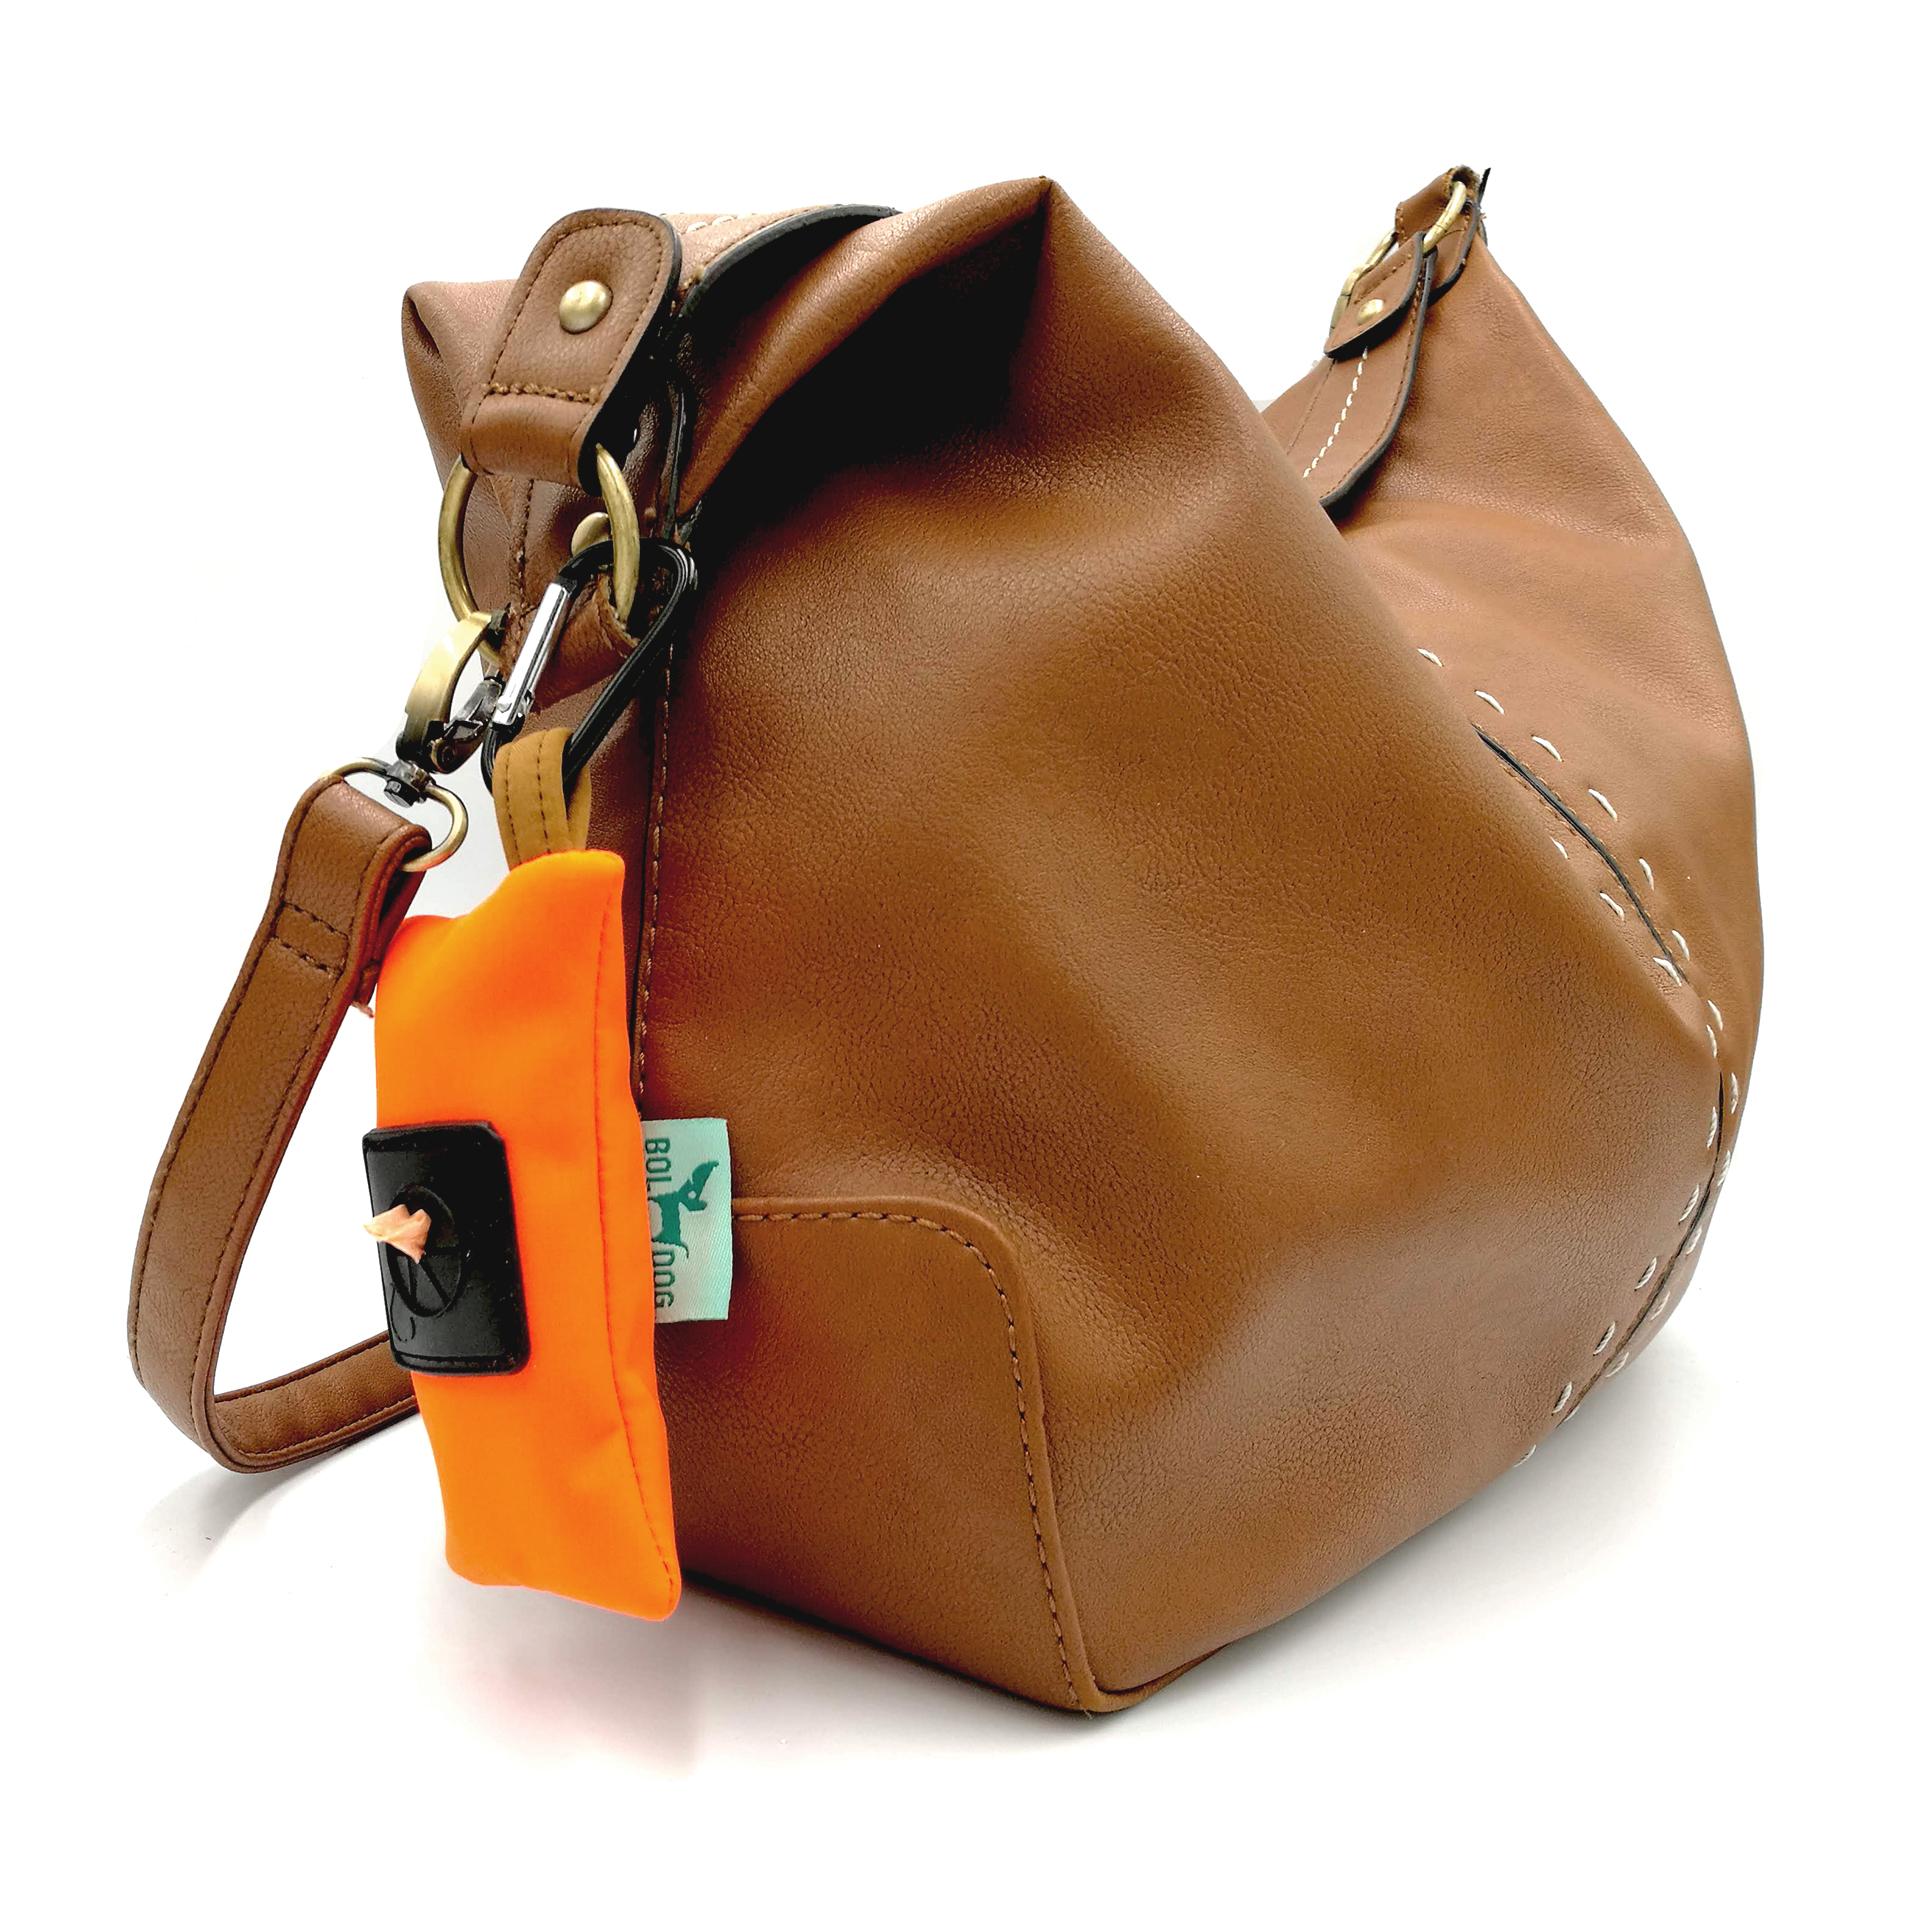 Orange color dog poop bag holder.